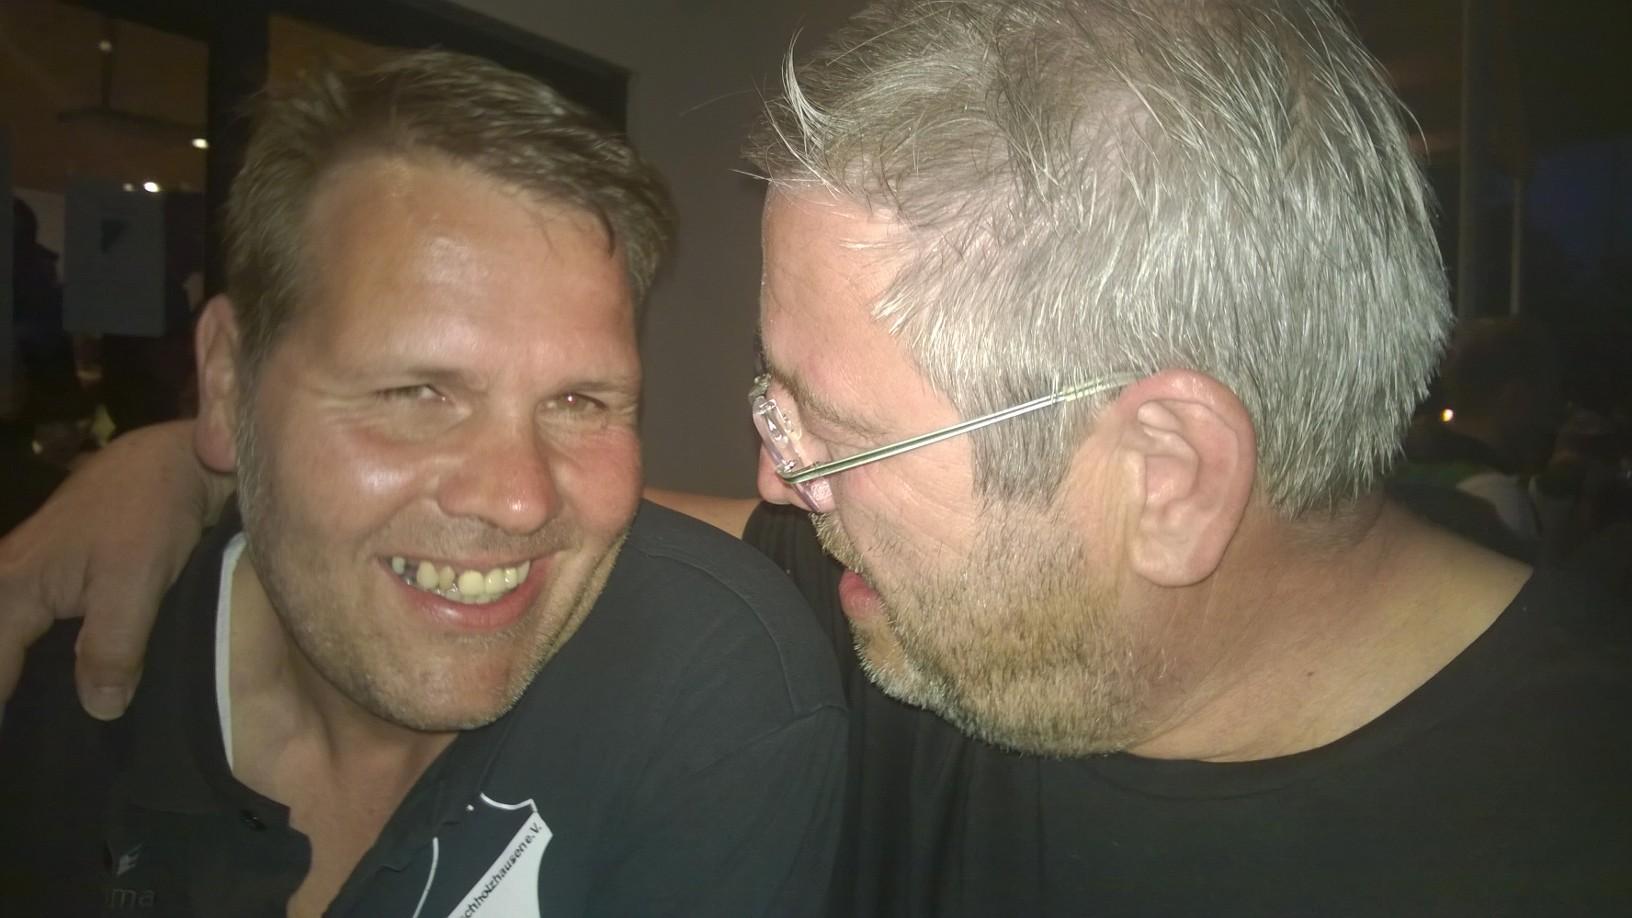 Dieter und Frieder genießen den Abend